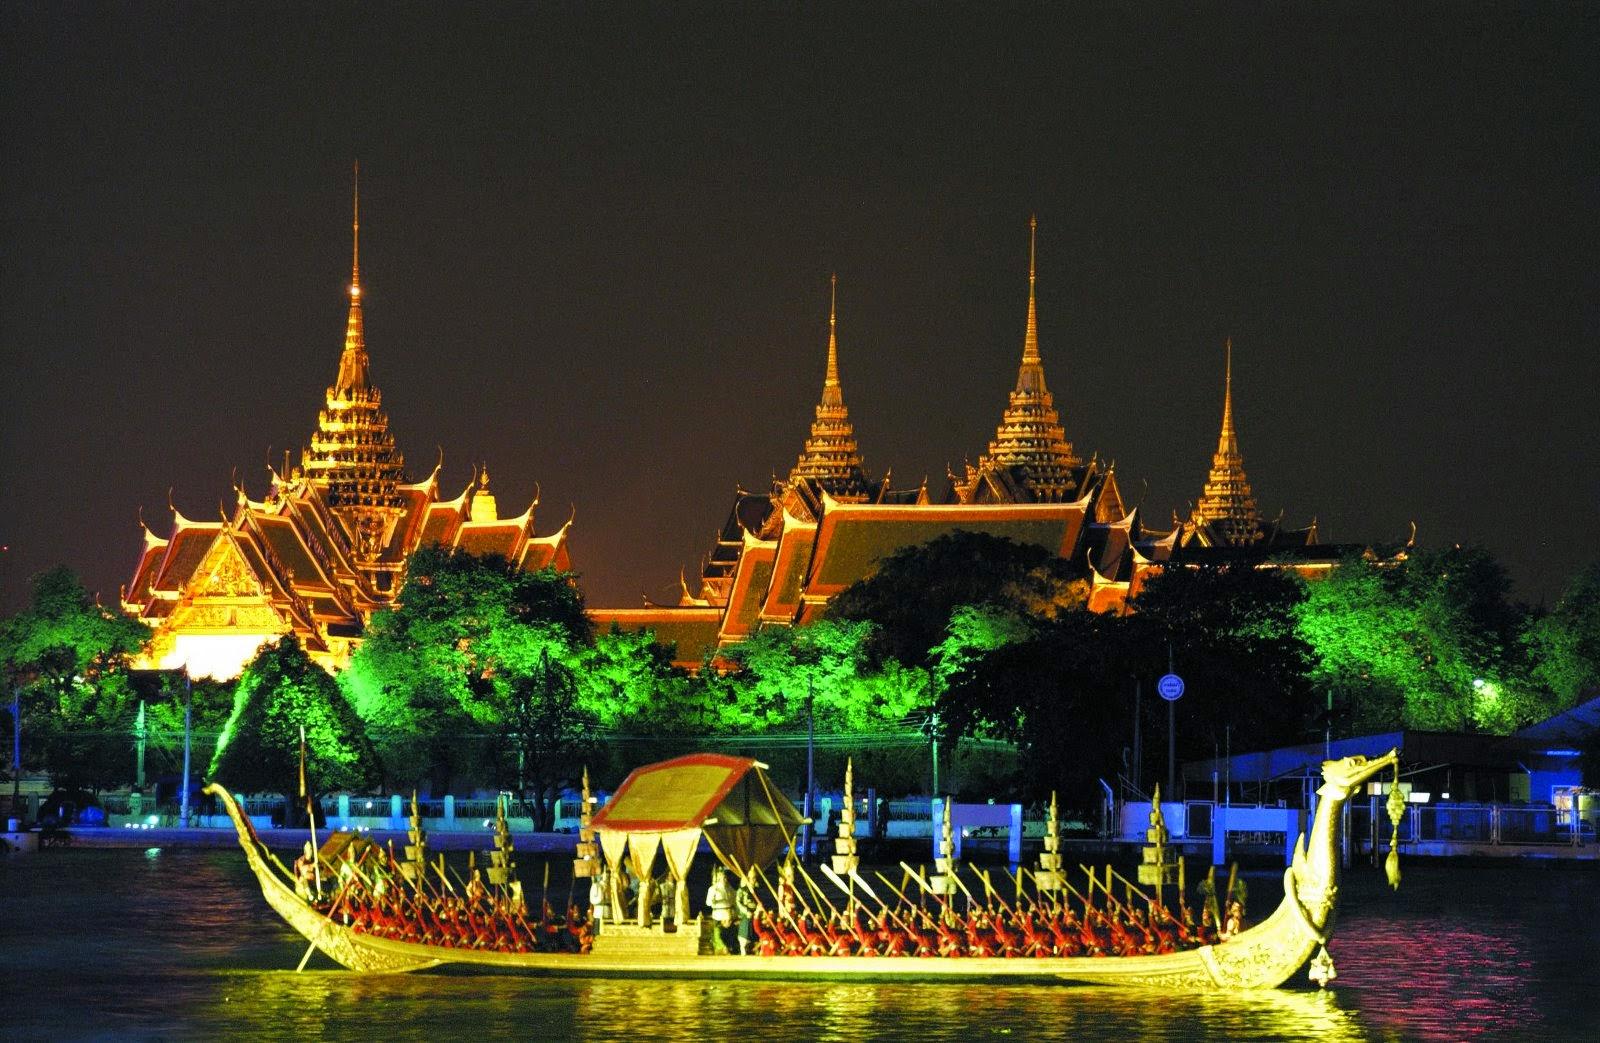 tempat wisata thailand